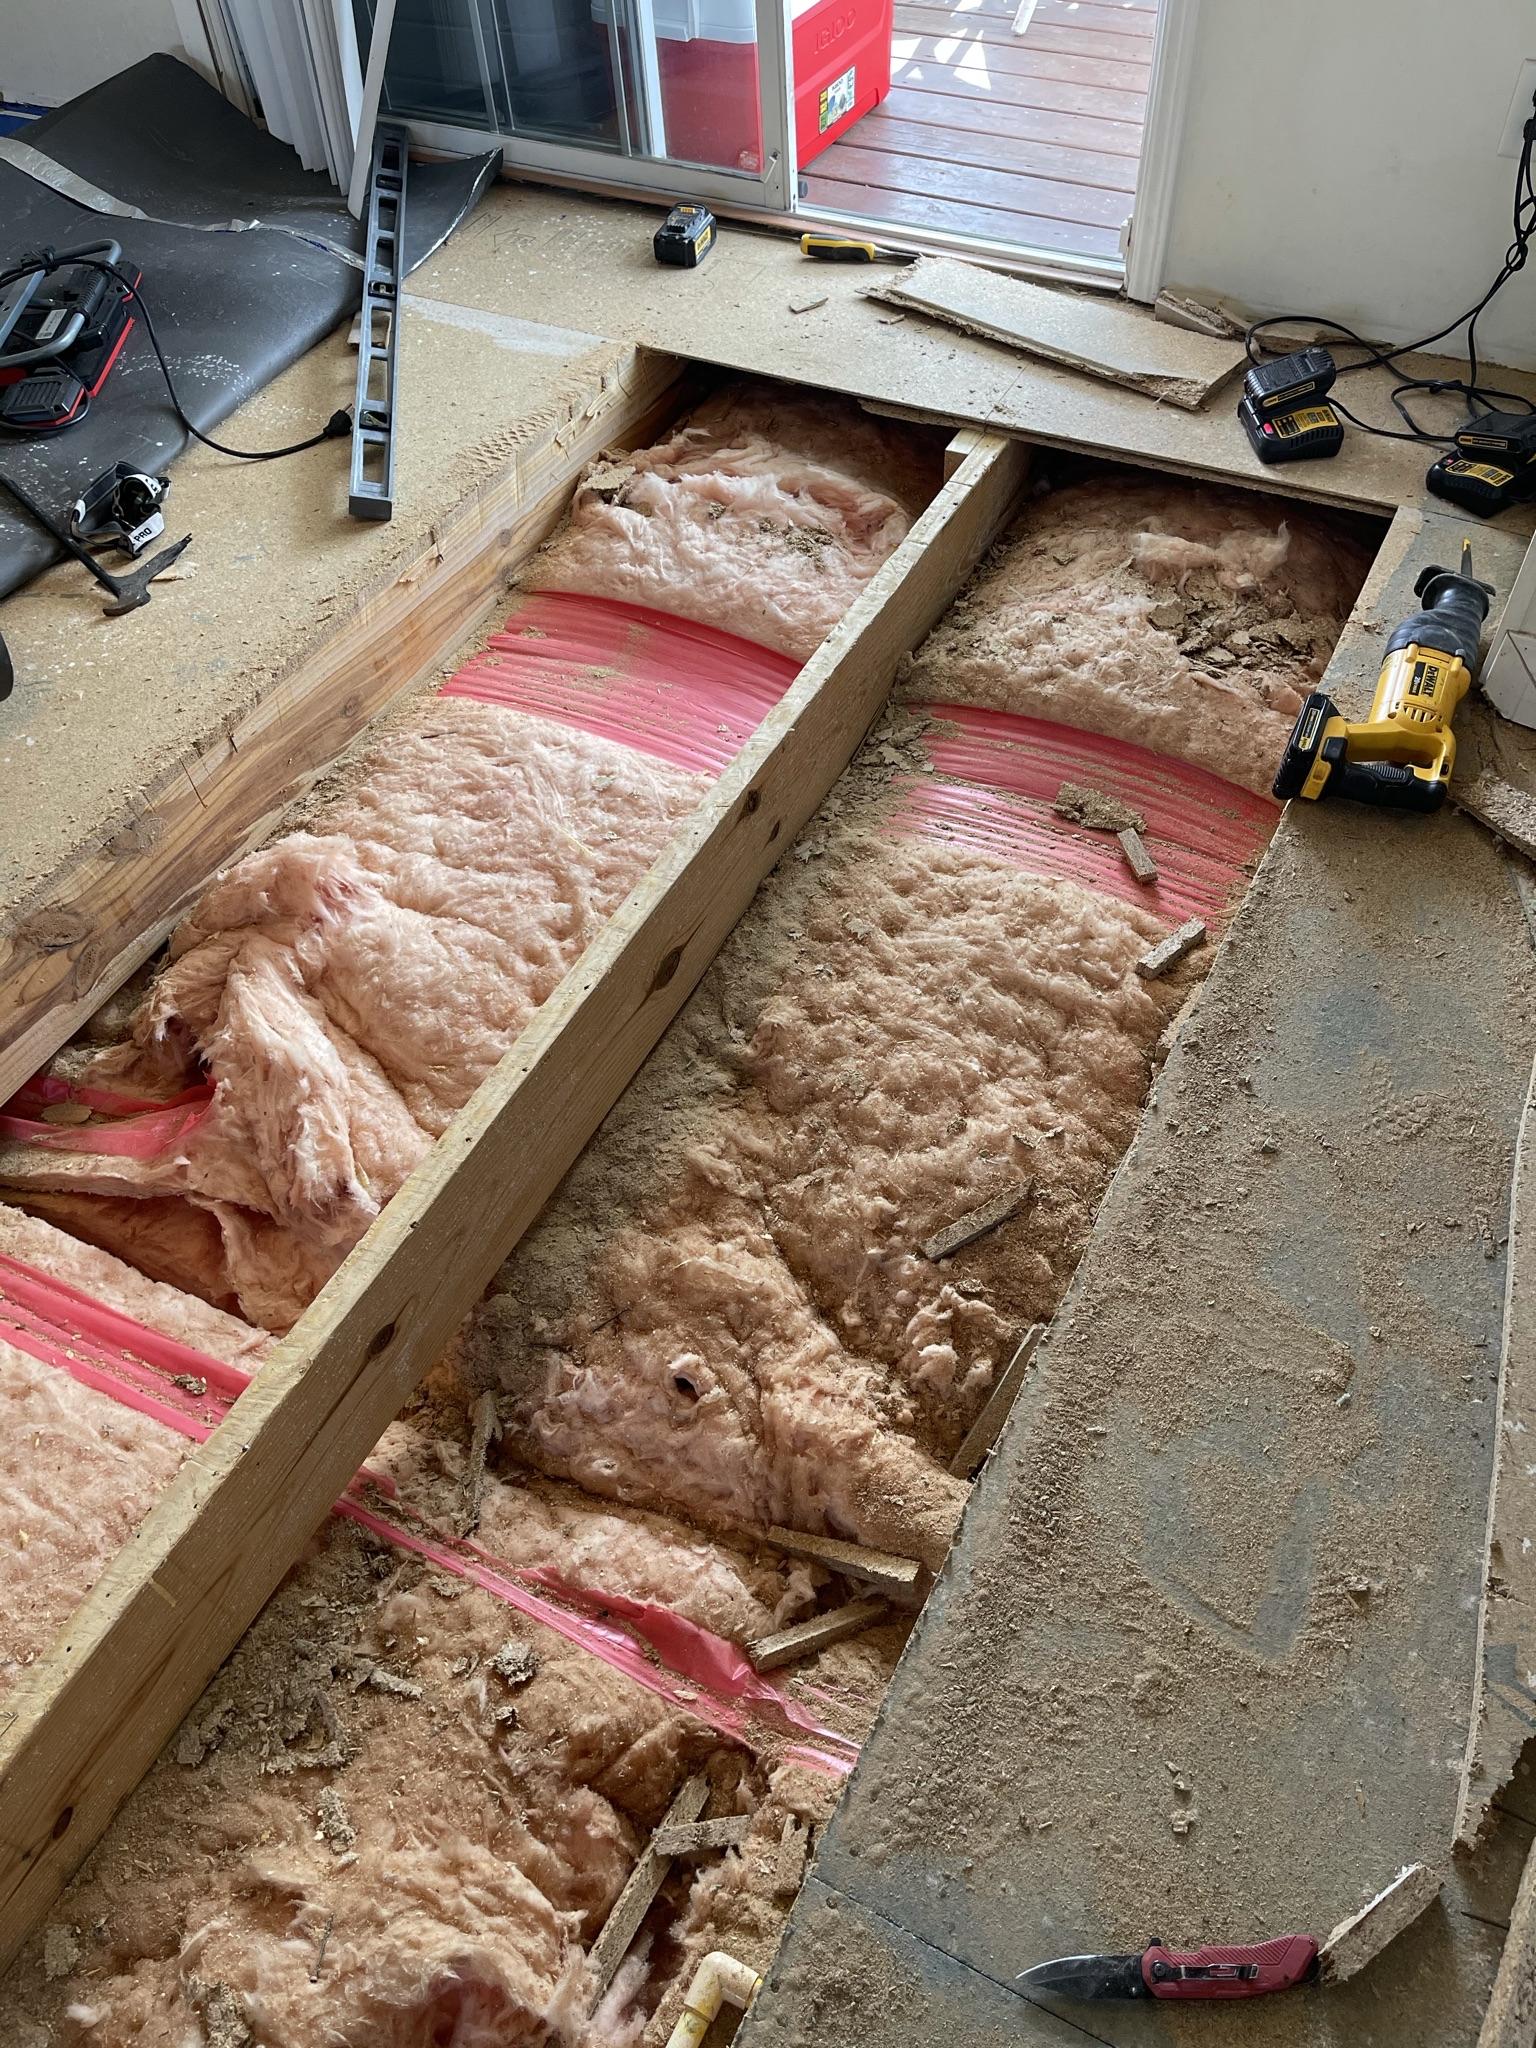 Bathroom Remodel and Sub Floor and Floor repair